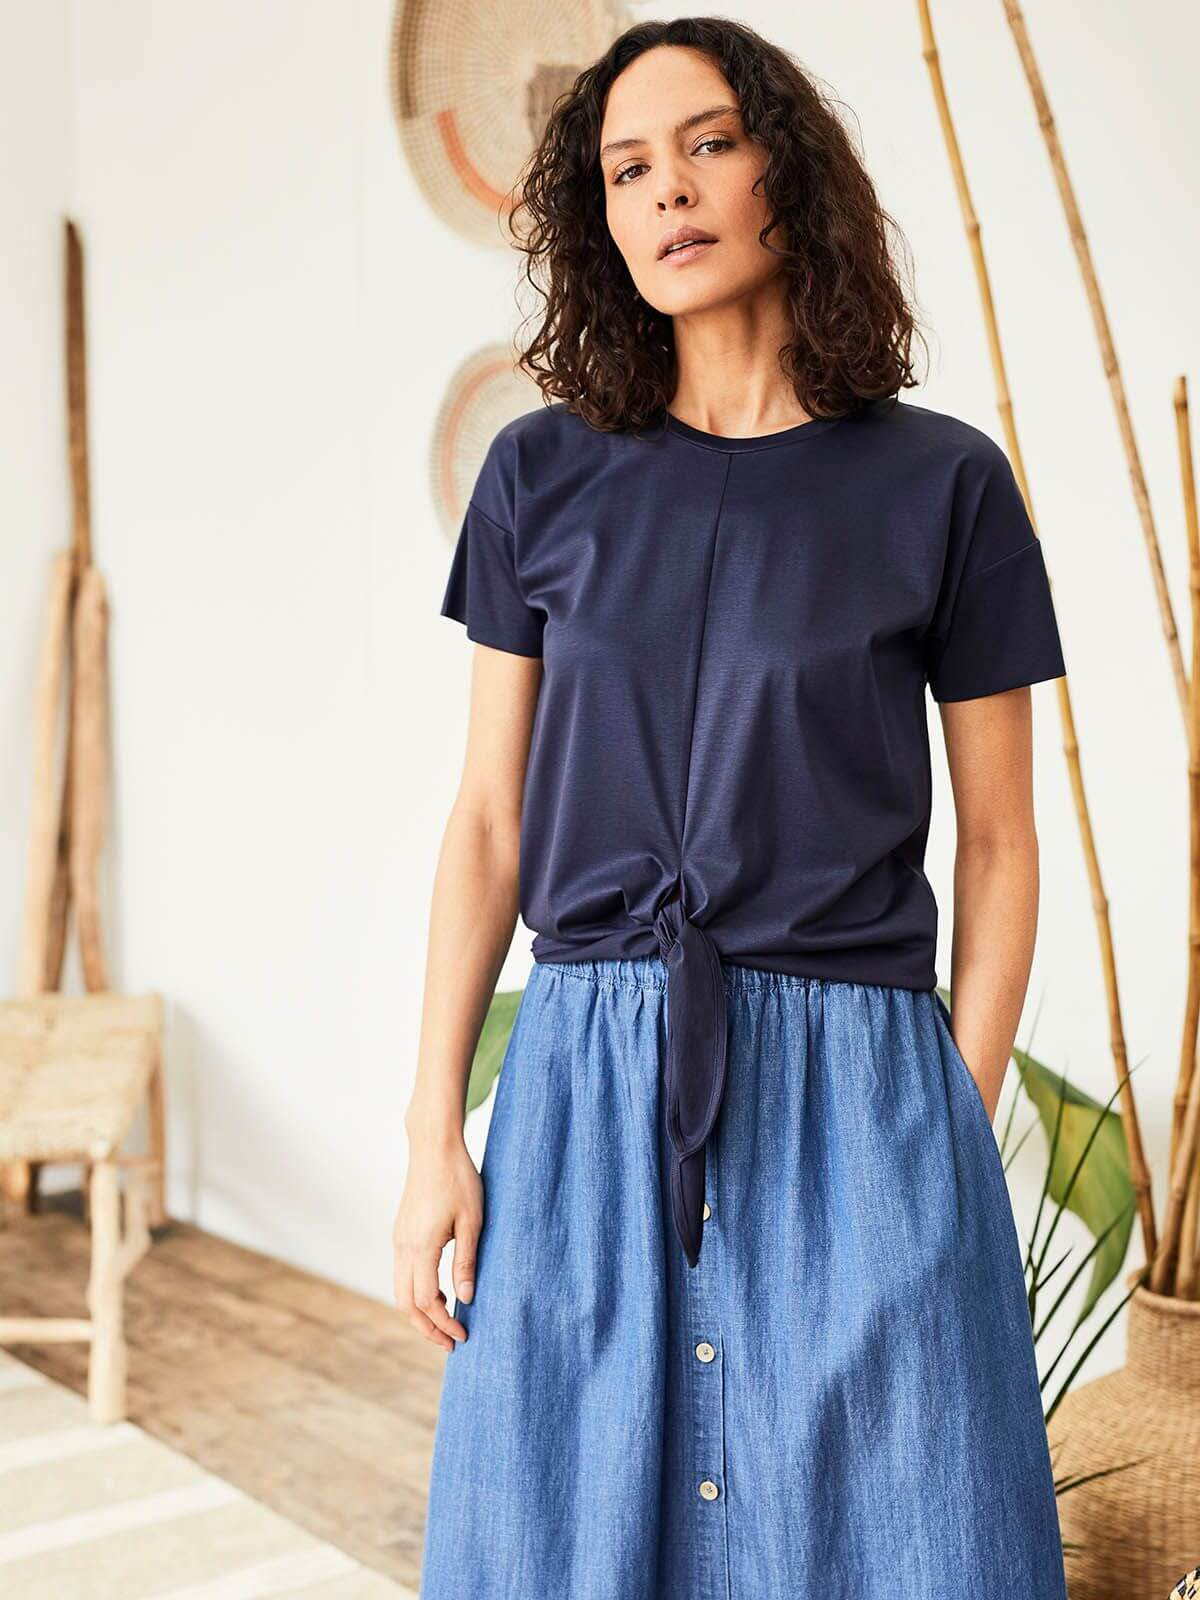 Moodbild Model mit dunkelblauem Shirt, vorne geknotet, und Jeans-Rock vor hölzerner Dekoration.